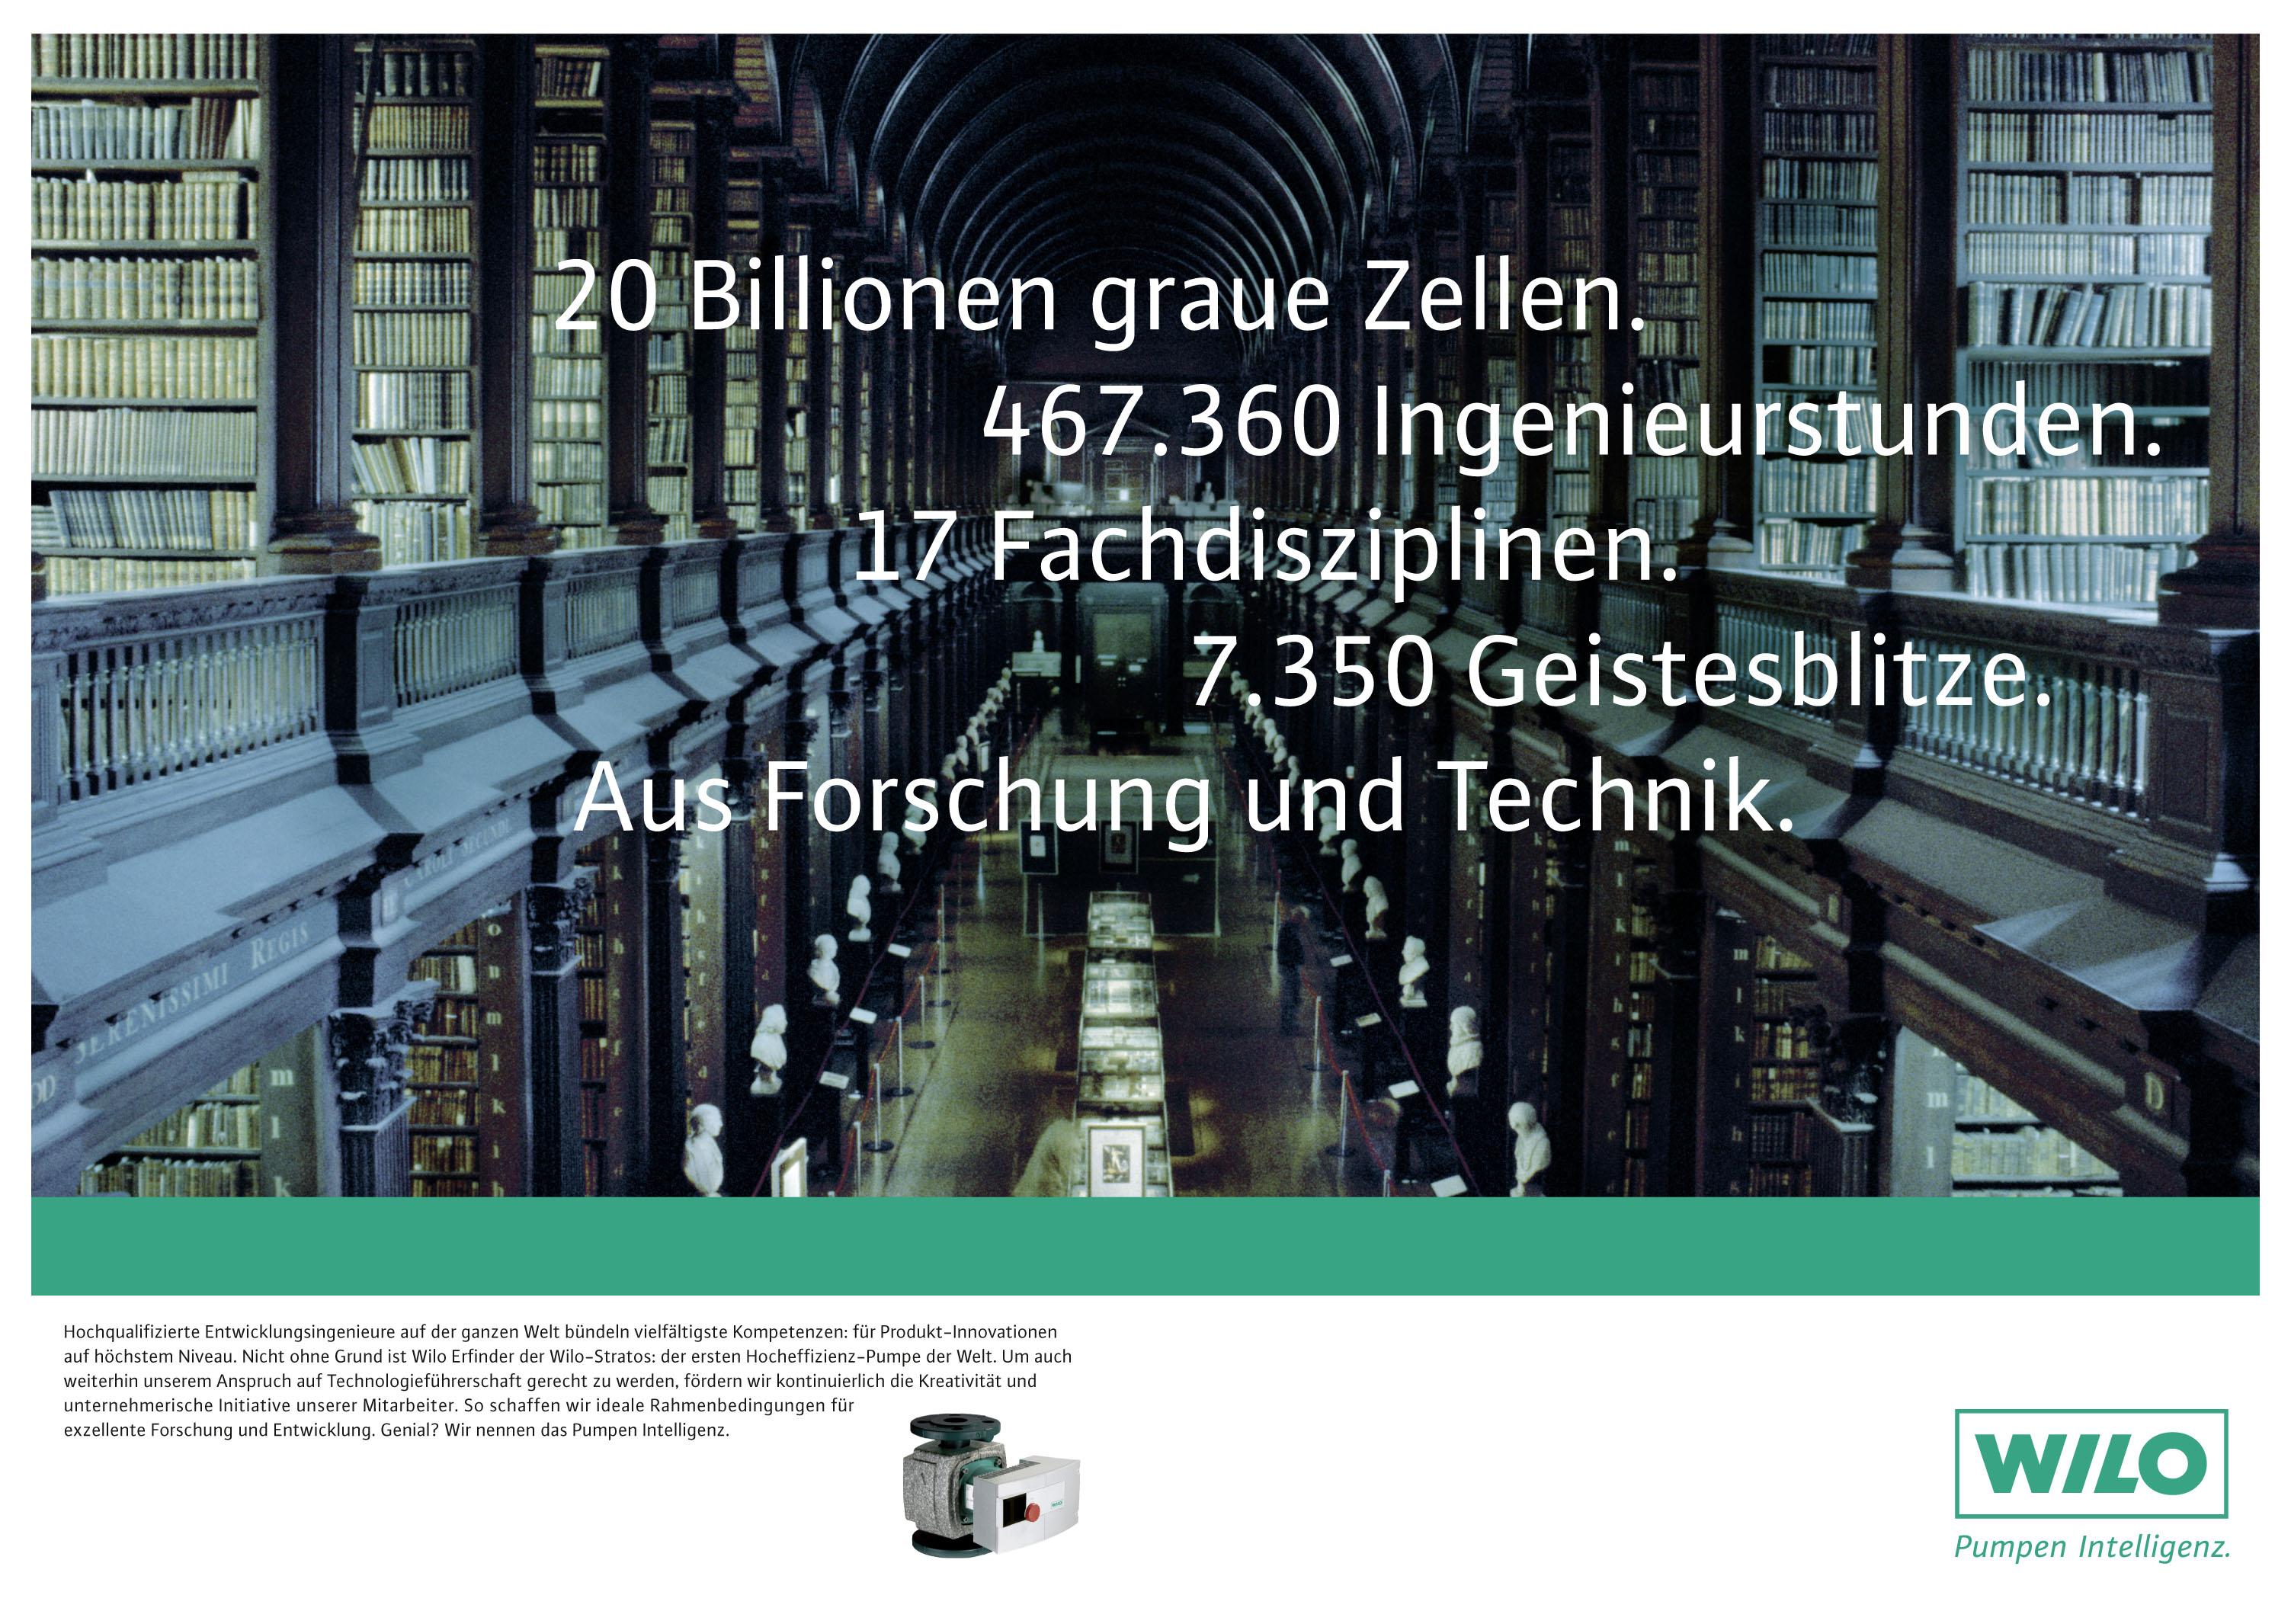 Wilo Imageanzeige: Hocheffizienz/Forschung und Entwicklung - Uwe Groß (Konzept/Text)